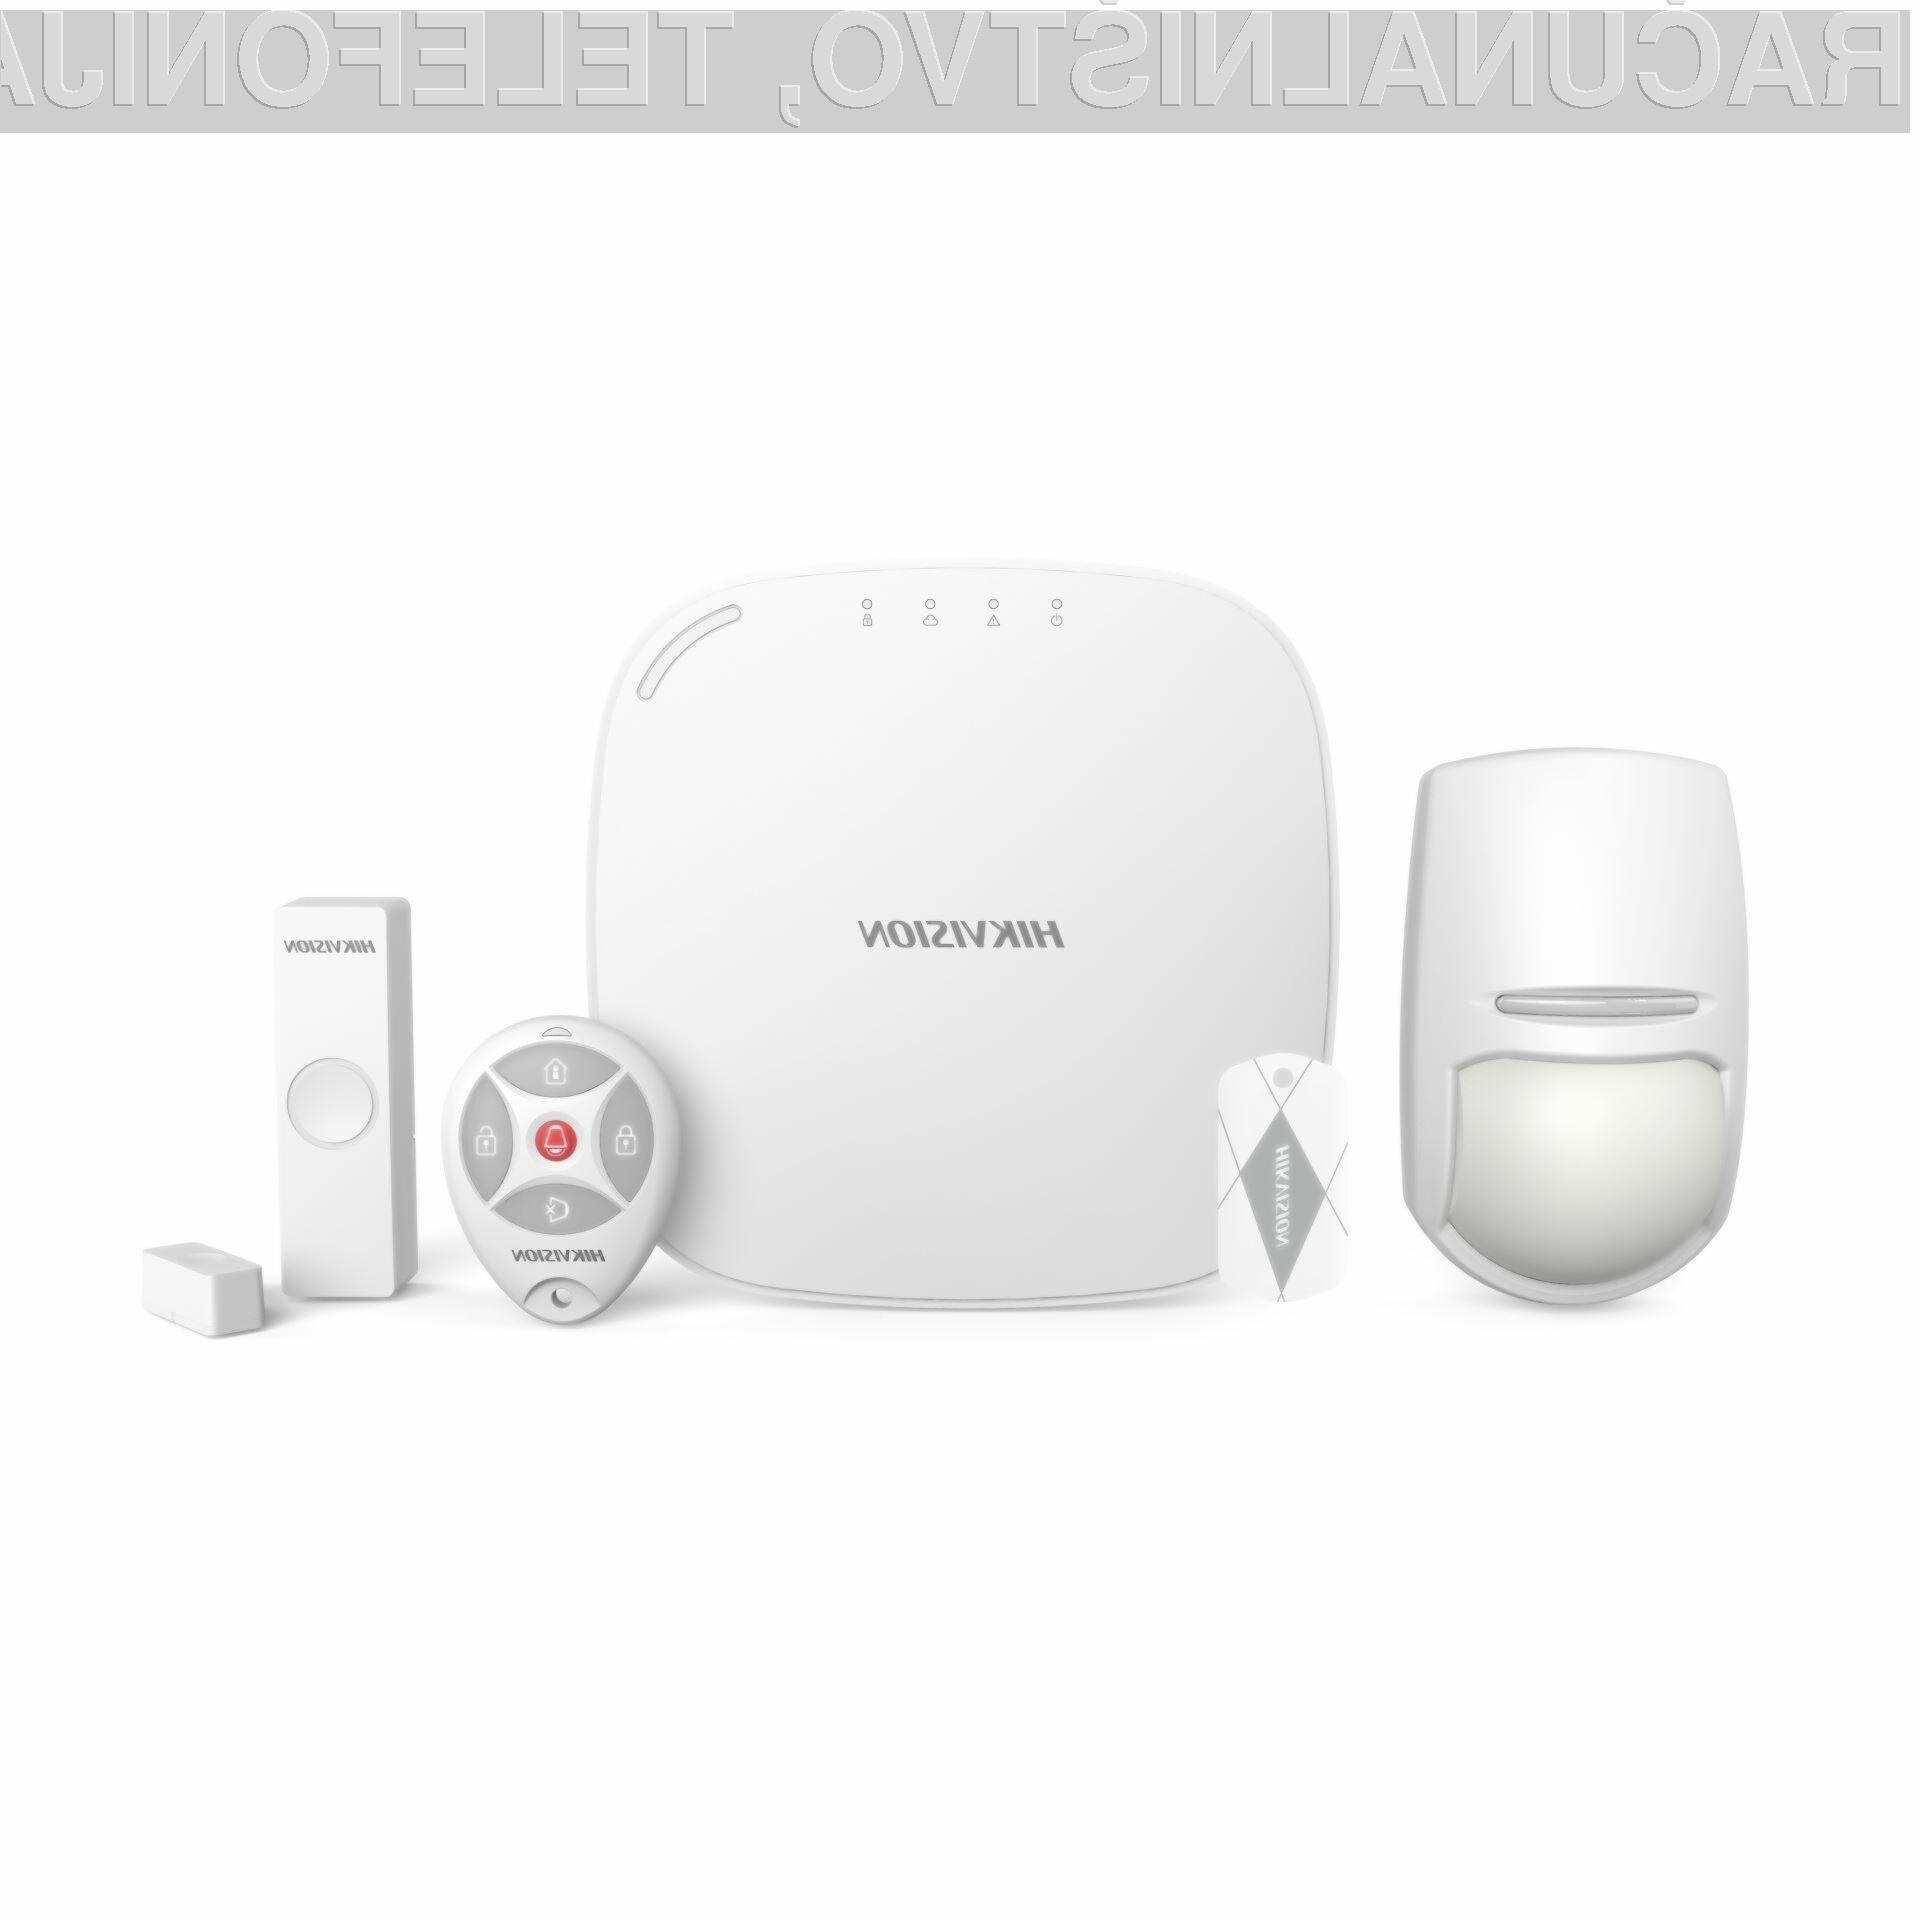 Alarmni sistem, ki bo vse leto skrbel za varnost v vaši hiši, stanovanju ali katerem koli drugem prostoru.